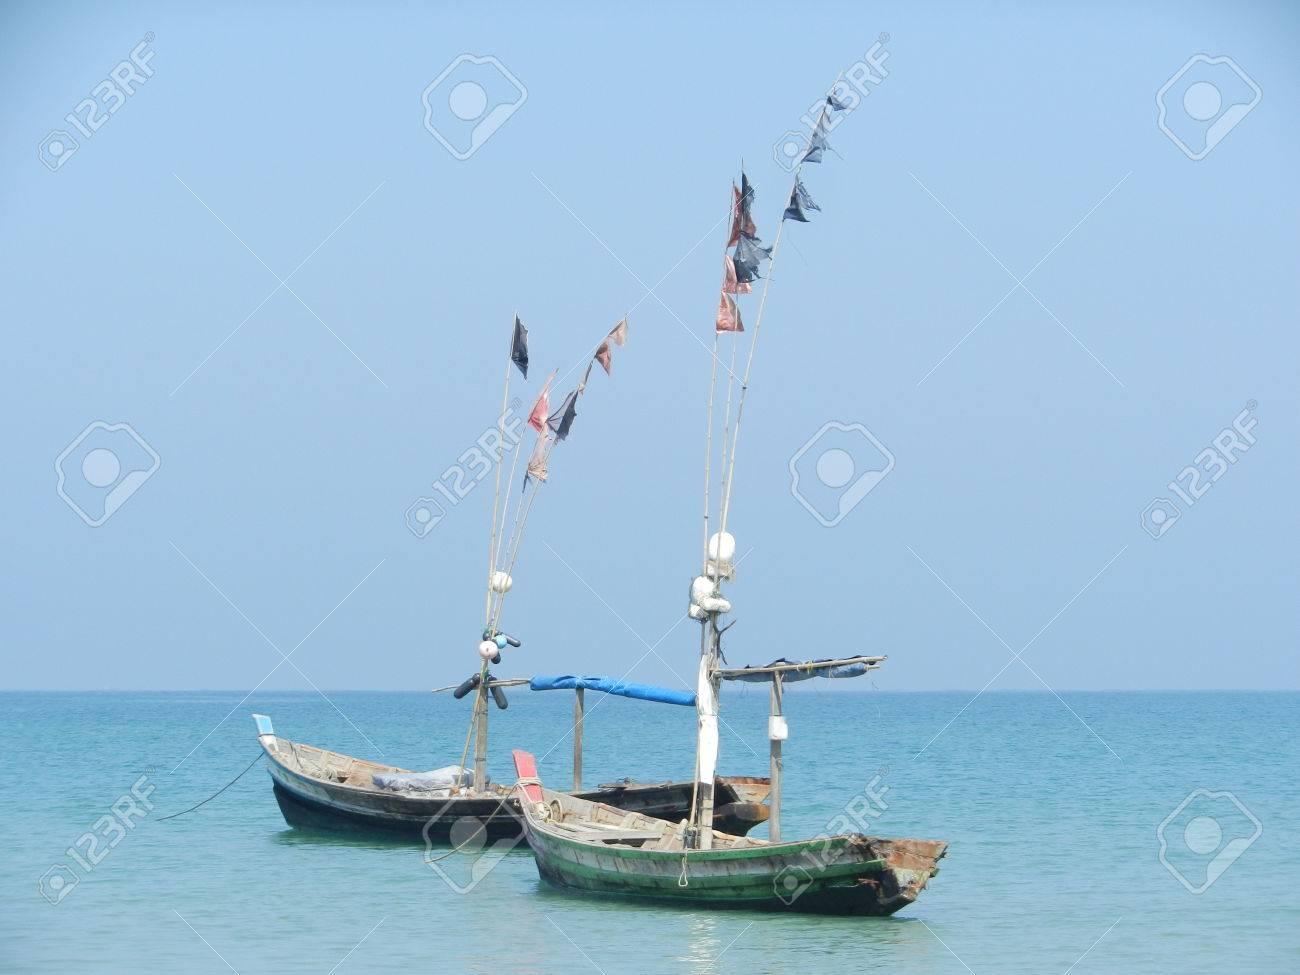 fishing boats in Ngapali Beach, Rakhine state, Myanmar